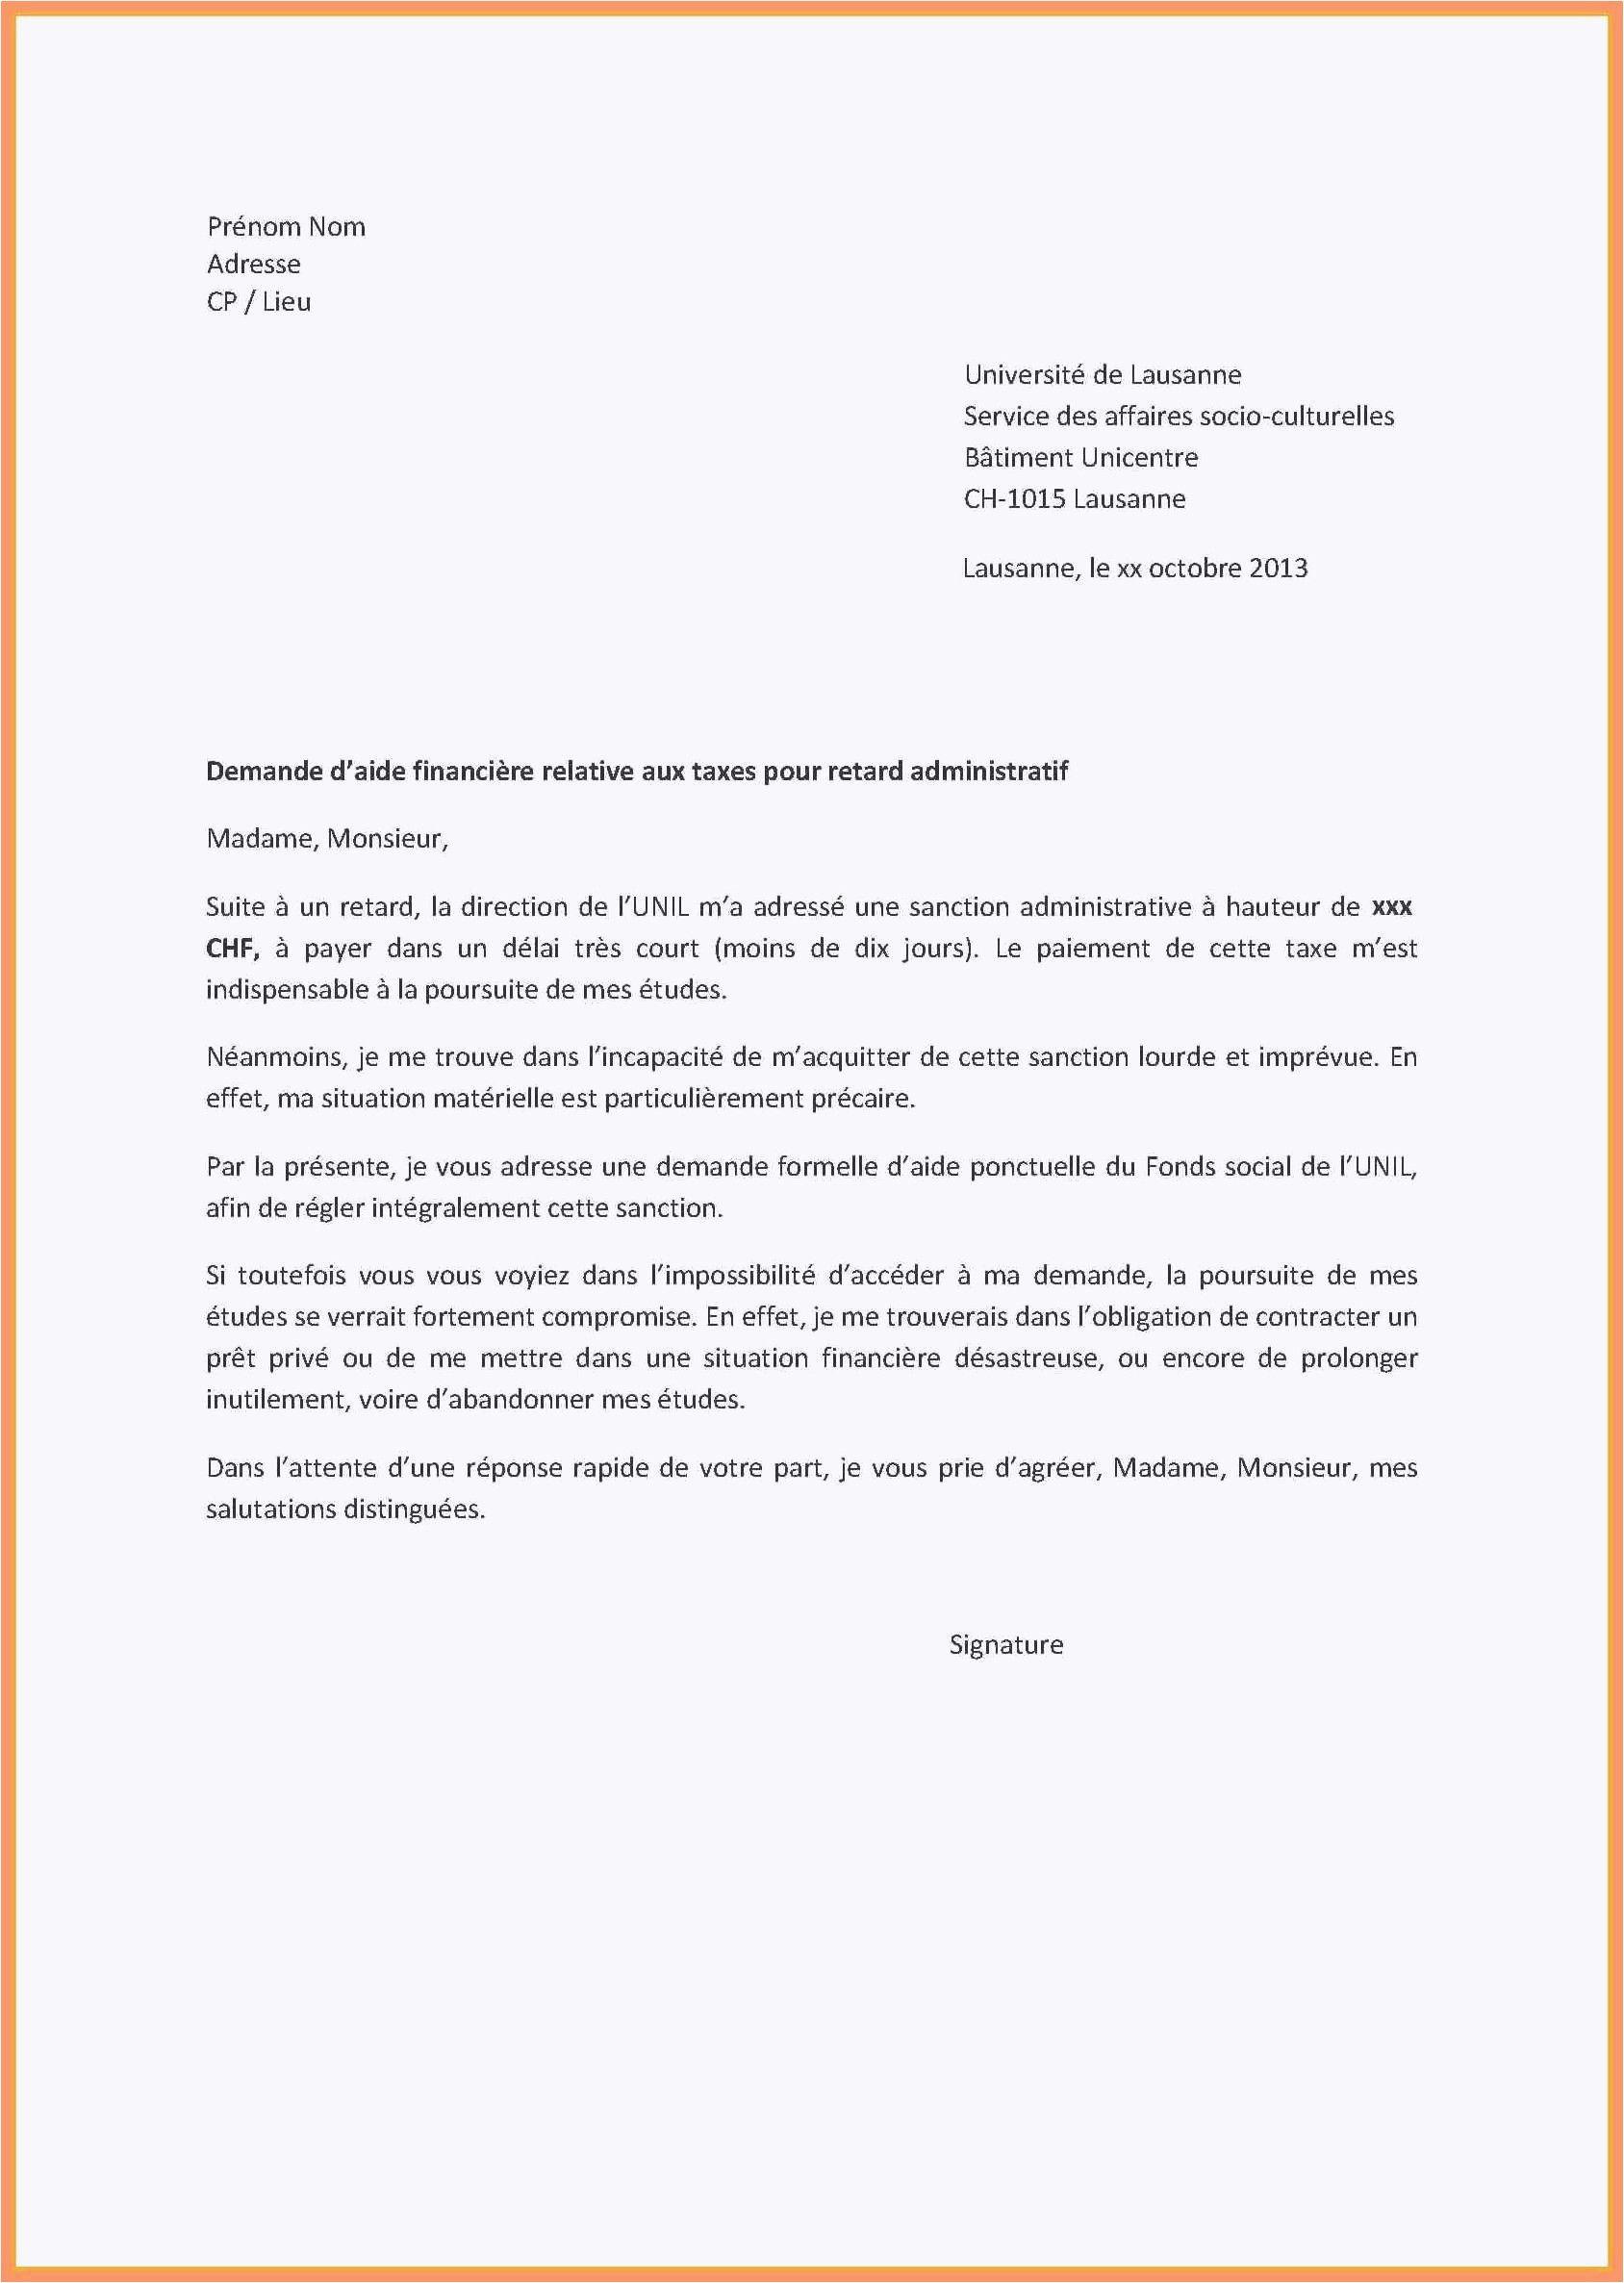 Luxury Modele Lettre De Motivation Boulangerie Exemple De Lettre